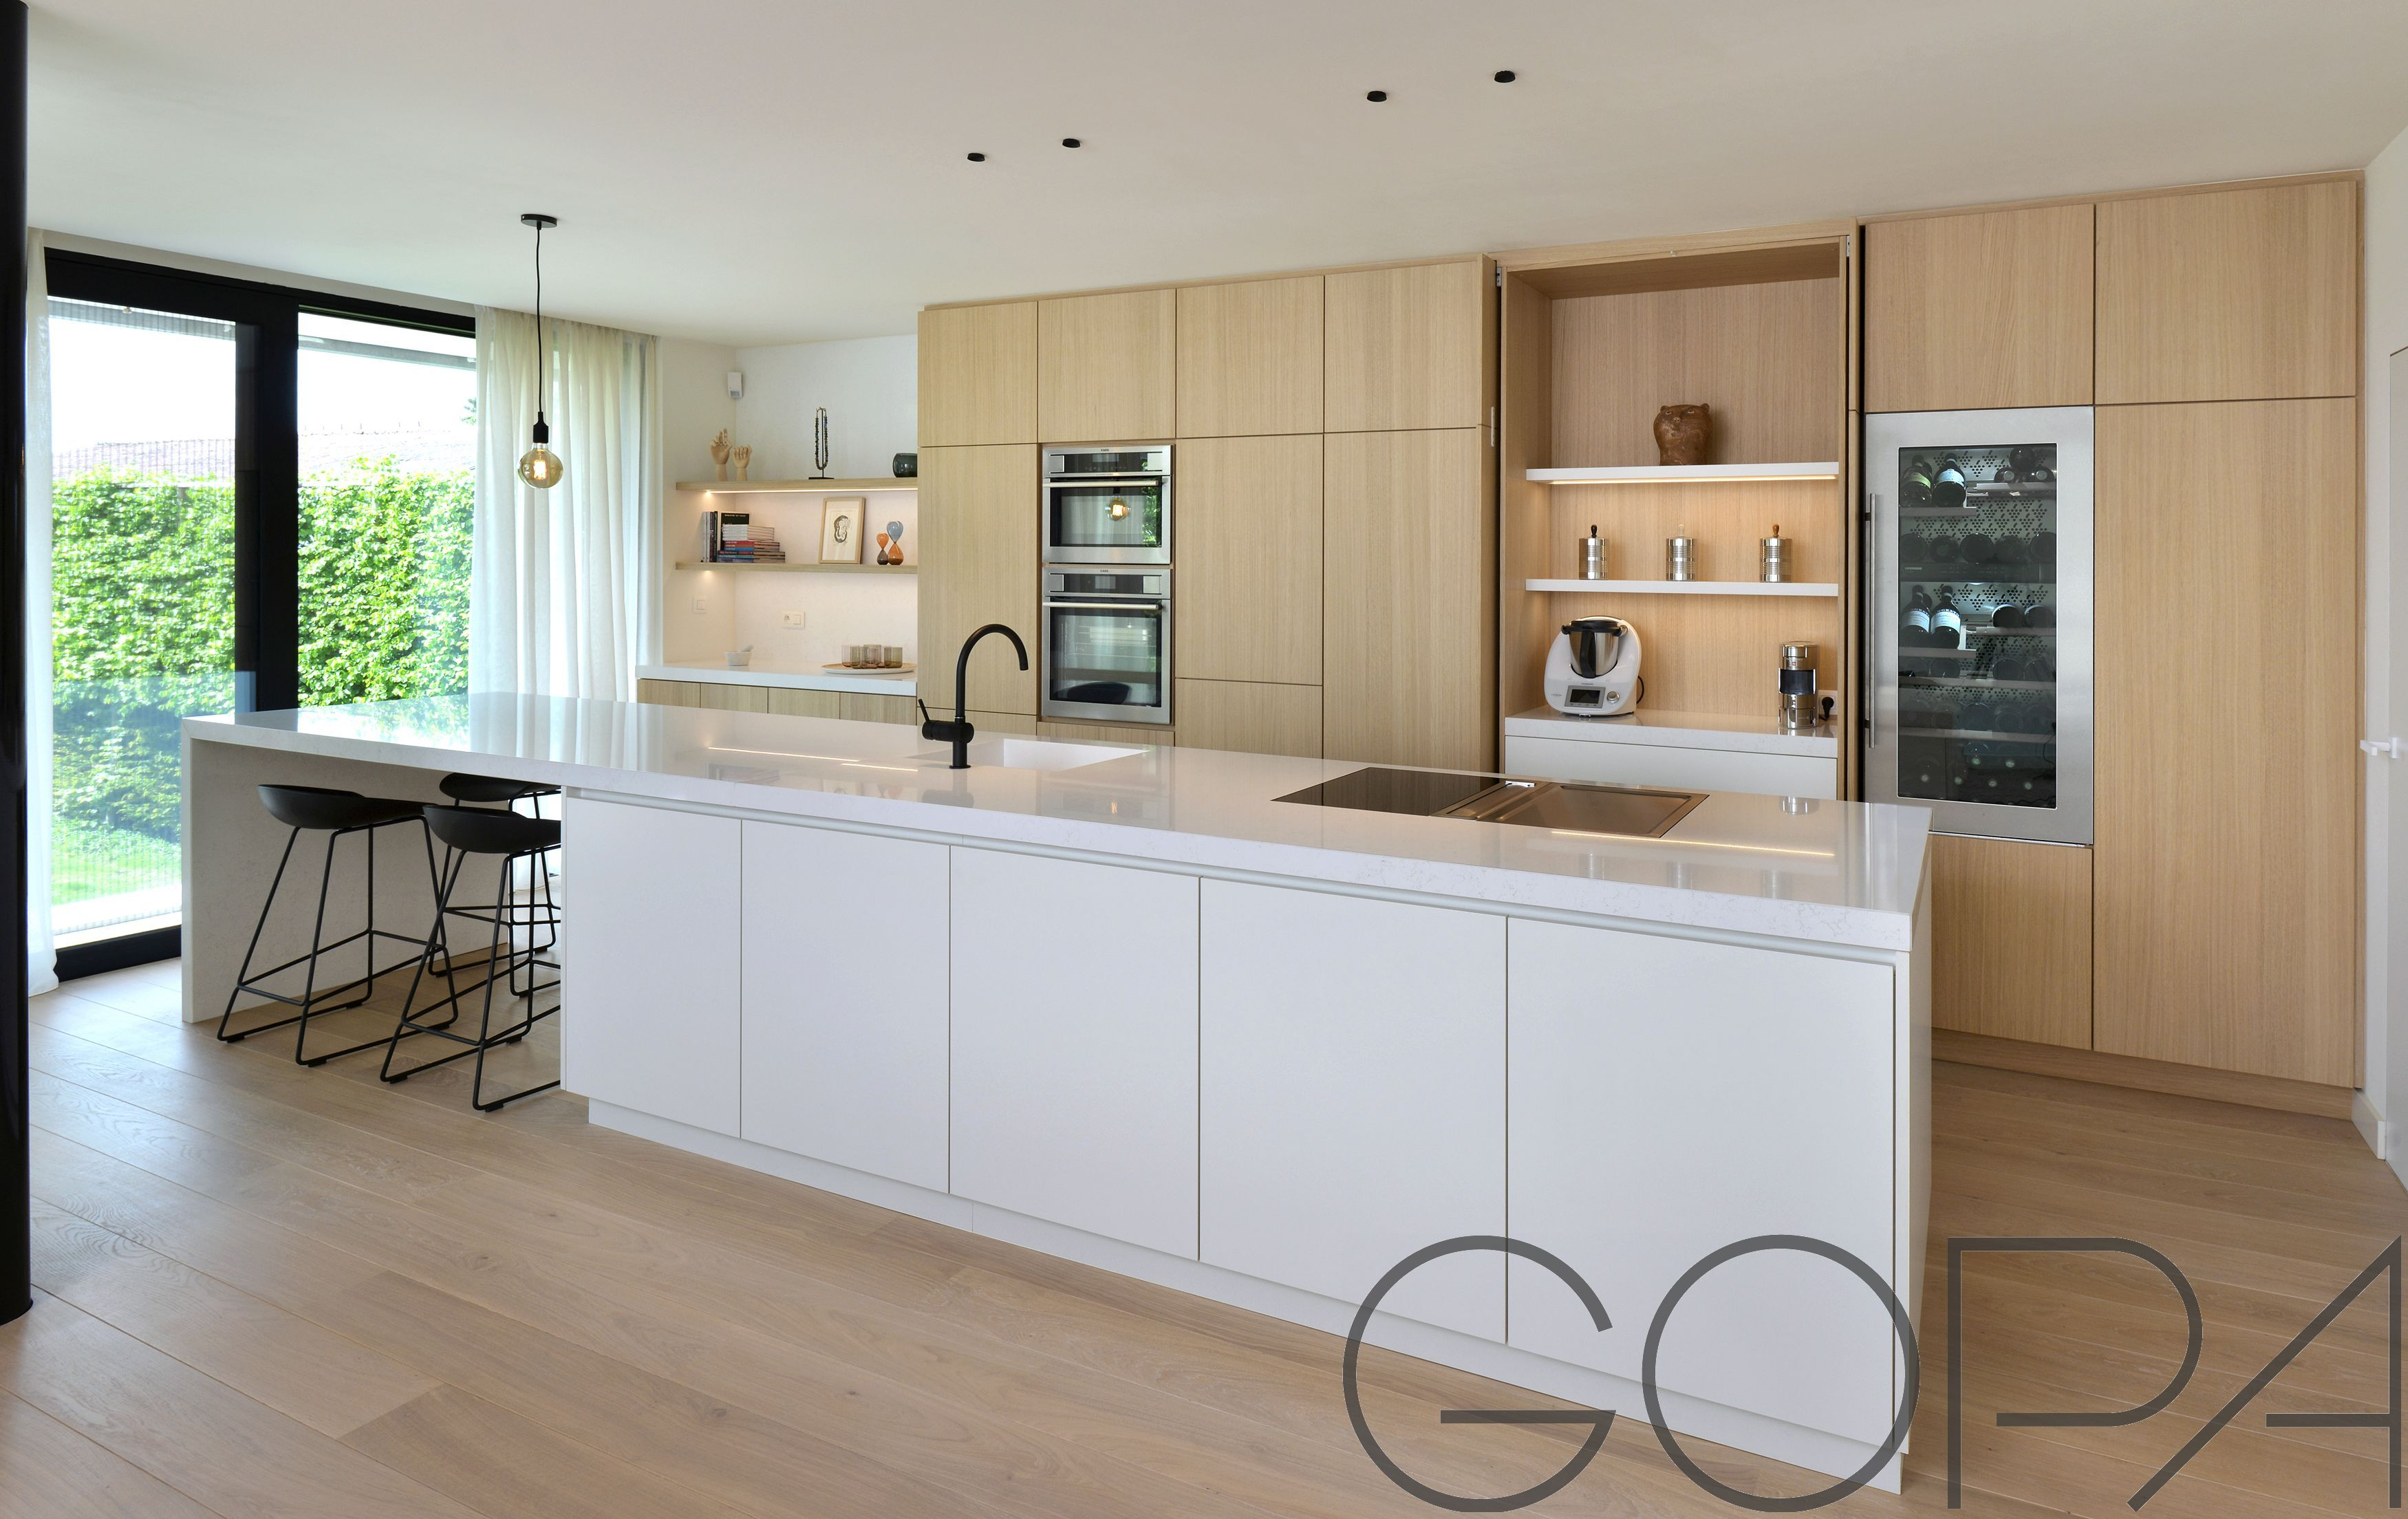 Keuken Interieur Scandinavisch : Lichtrijke moderne keuken met composieten werkblad keuken